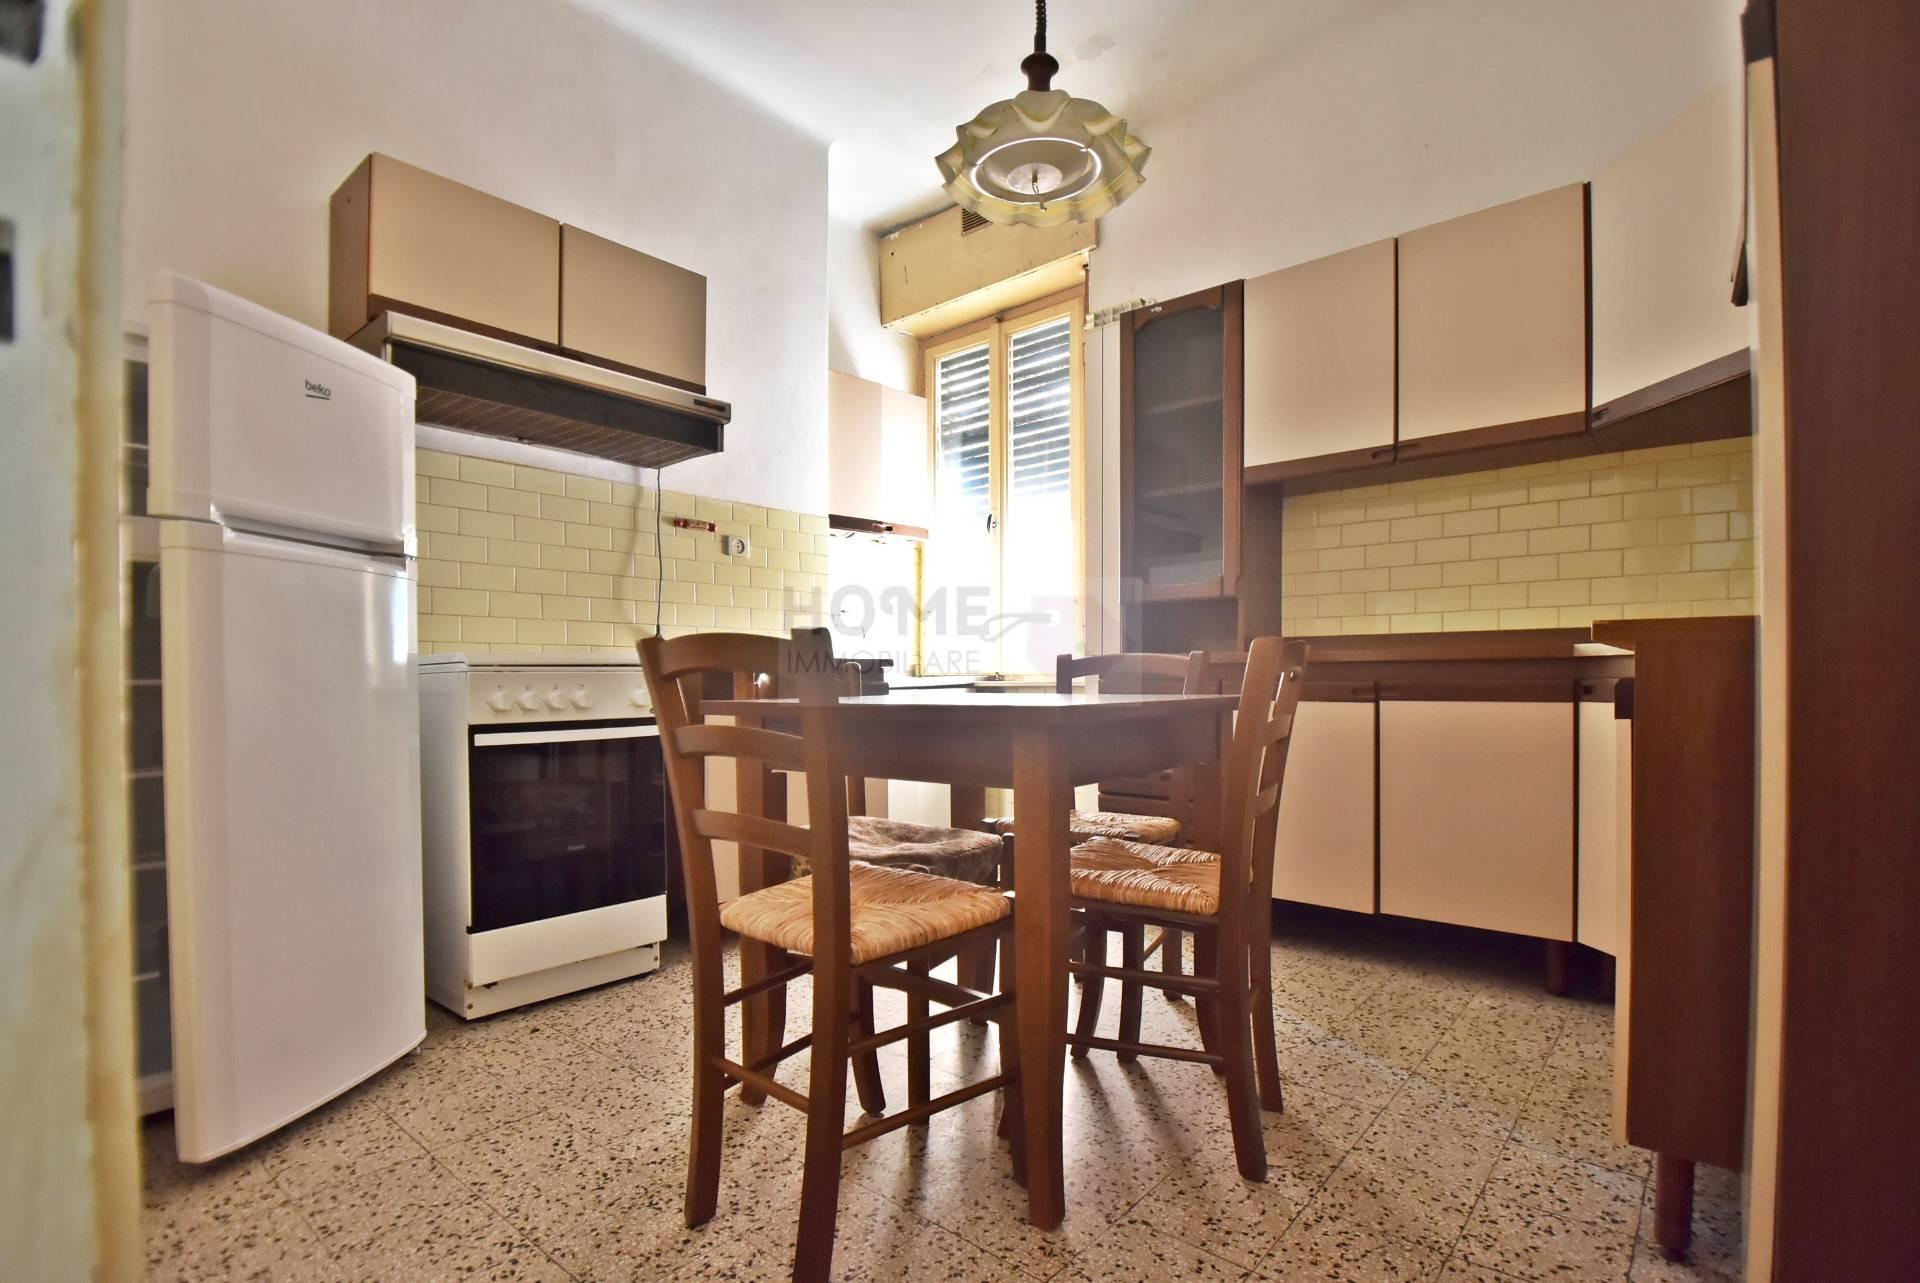 Appartamento in vendita a Macerata, 6 locali, zona Località: ZonaCentrale, prezzo € 75.000 | Cambio Casa.it